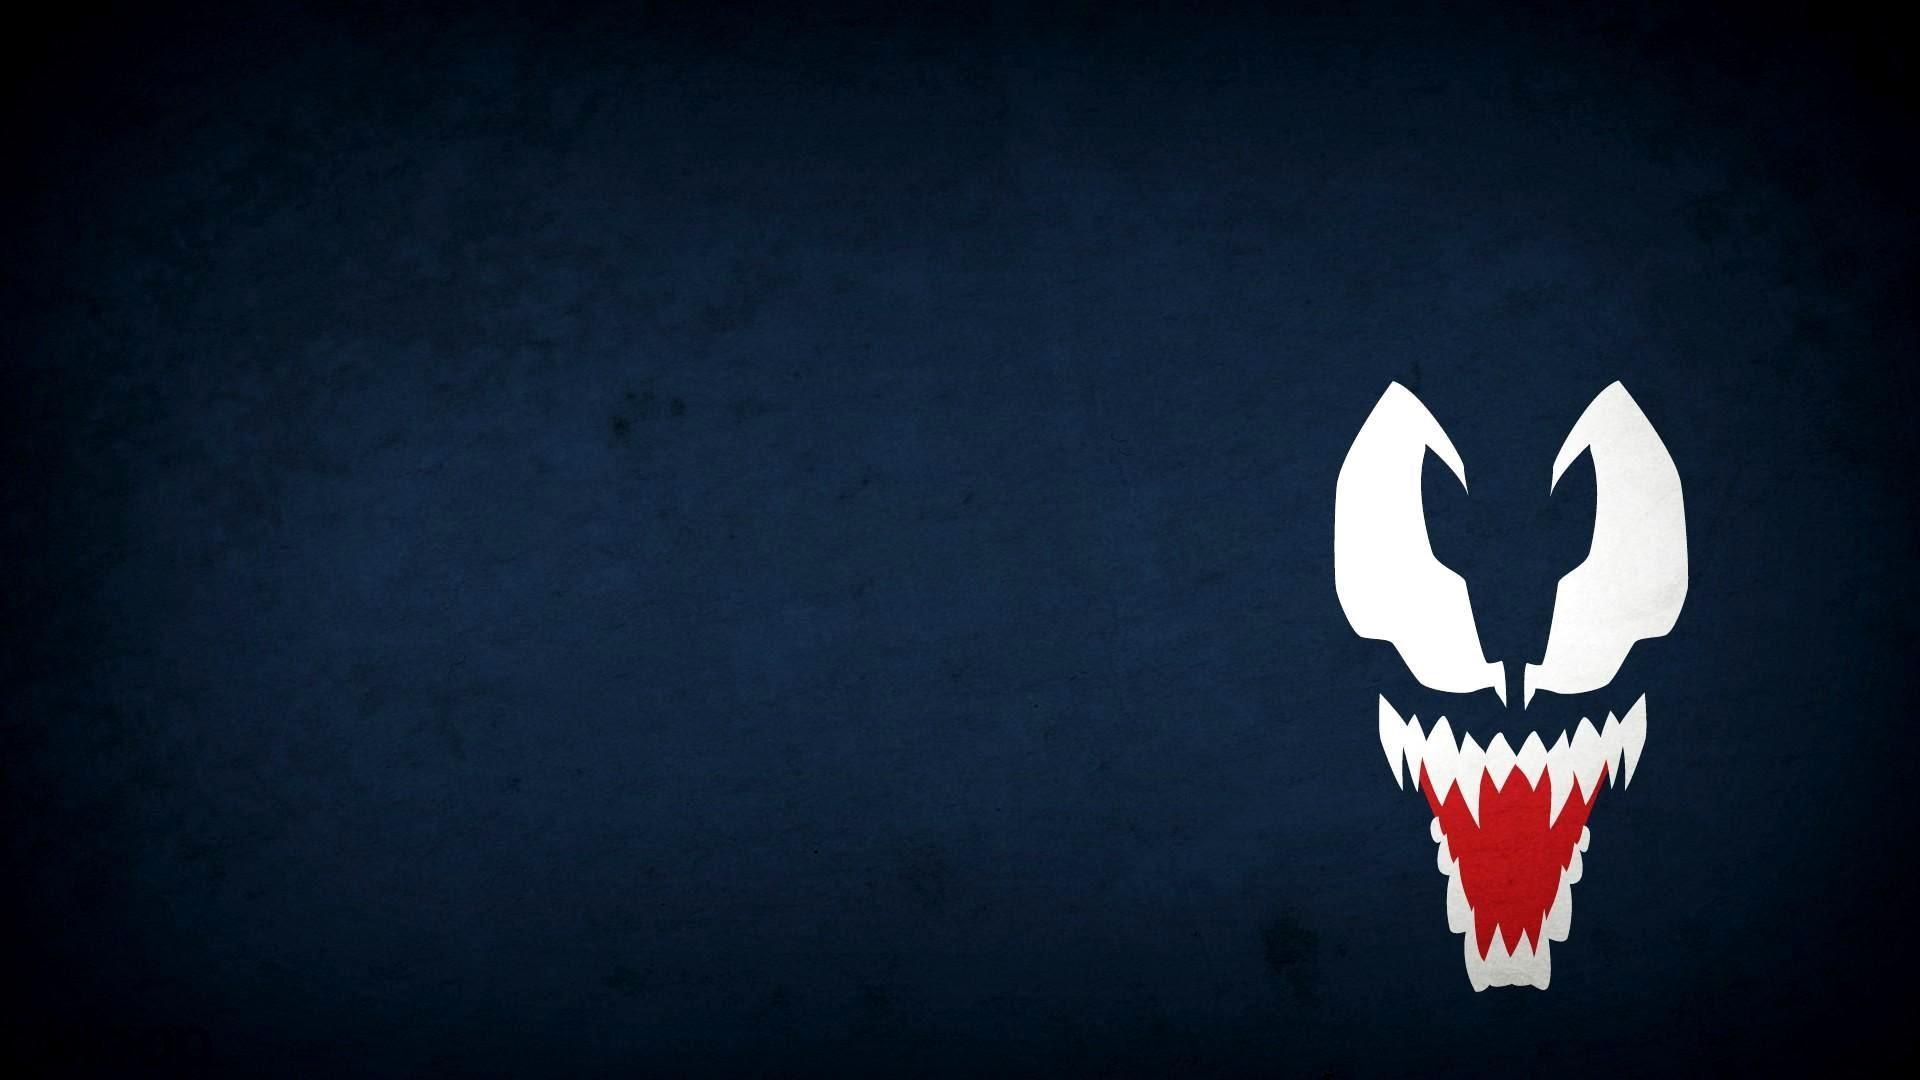 Venom Wallpaper Hd 64 Images